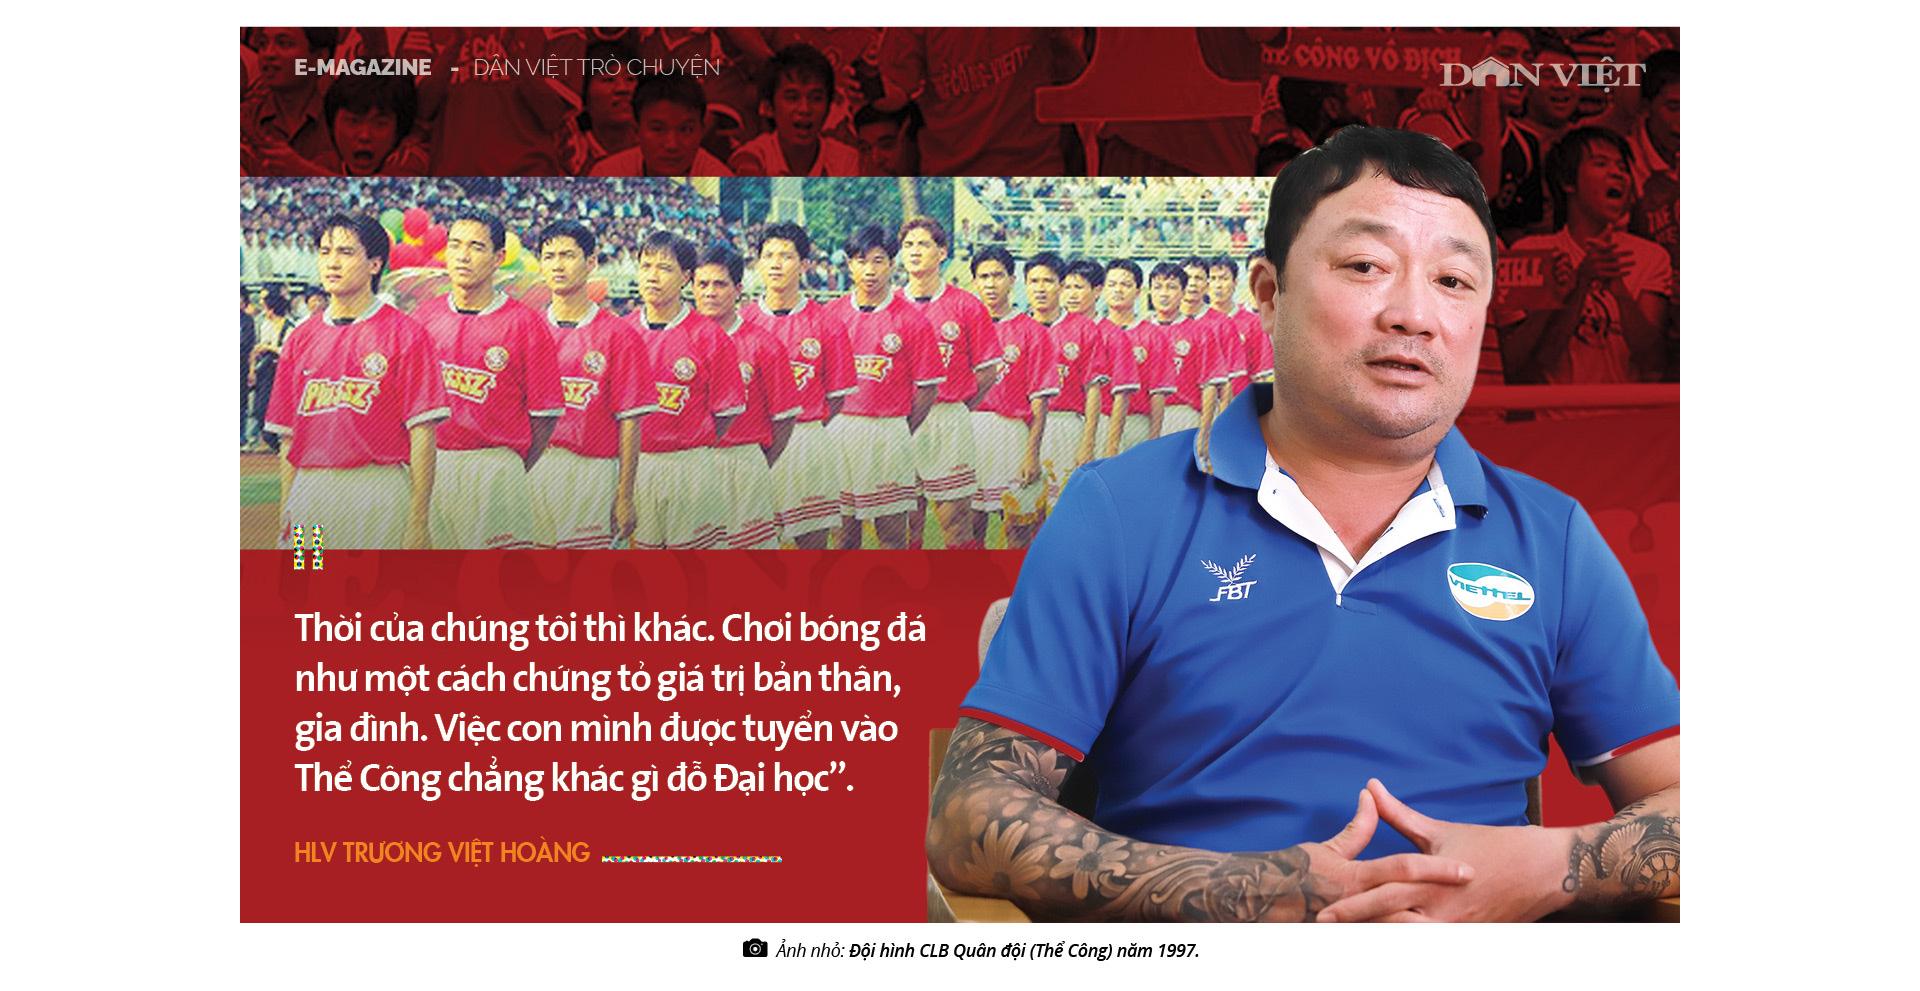 """Cựu danh thủ Thể Công Trương Việt Hoàng và hành trình tìm lại """"Cơn lốc đỏ"""" - Ảnh 5."""